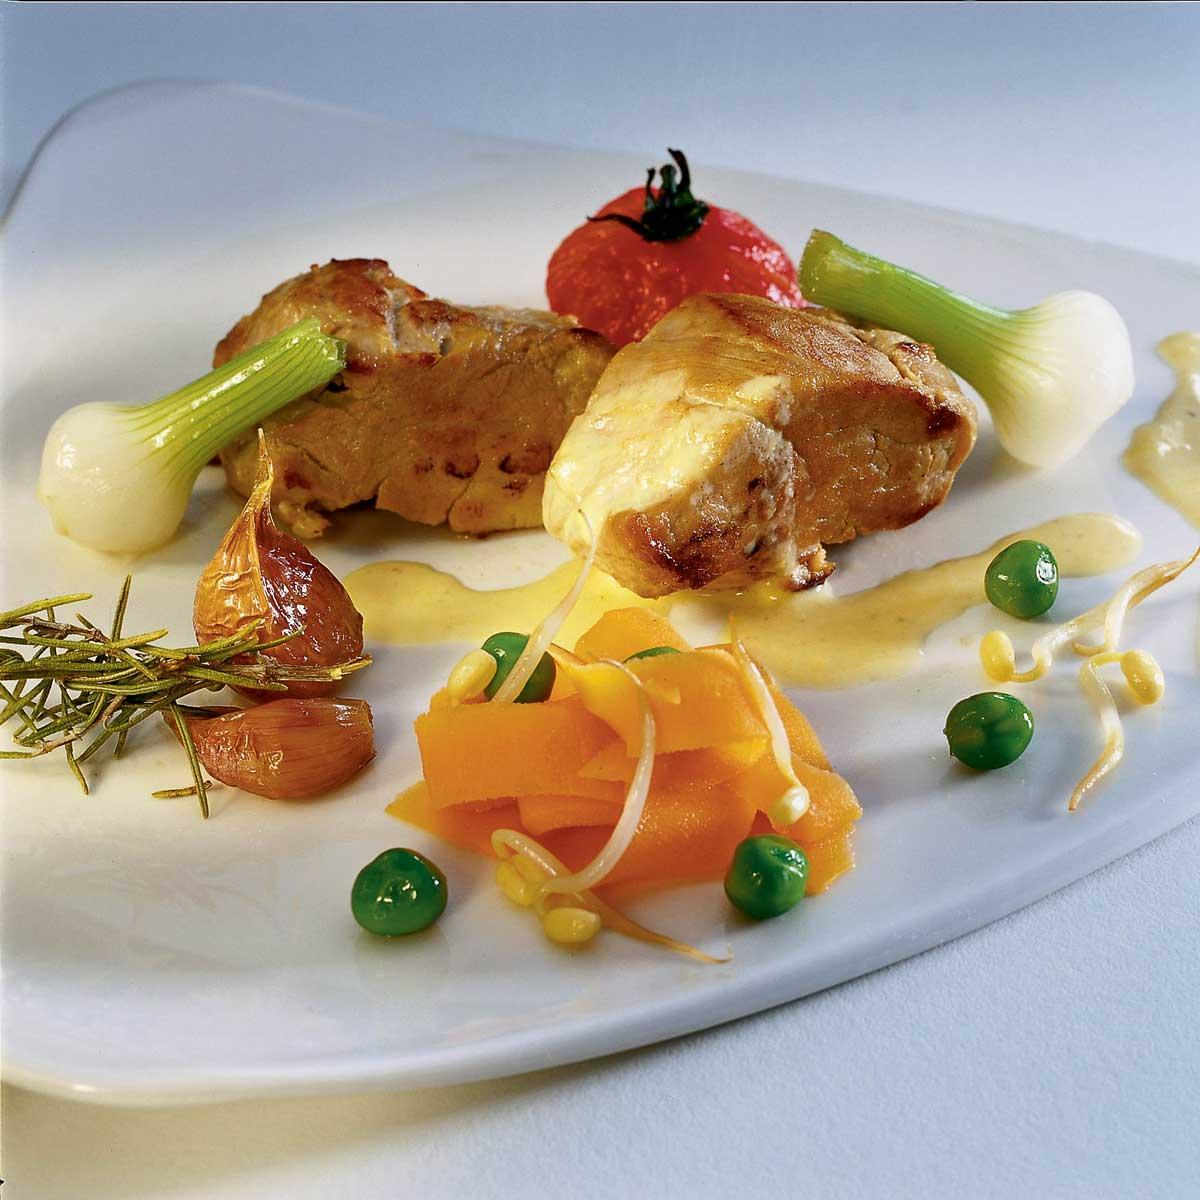 Recette filet de porc au lait et tuv e de l gumes - Recette de cuisine facile et rapide plat chaud ...